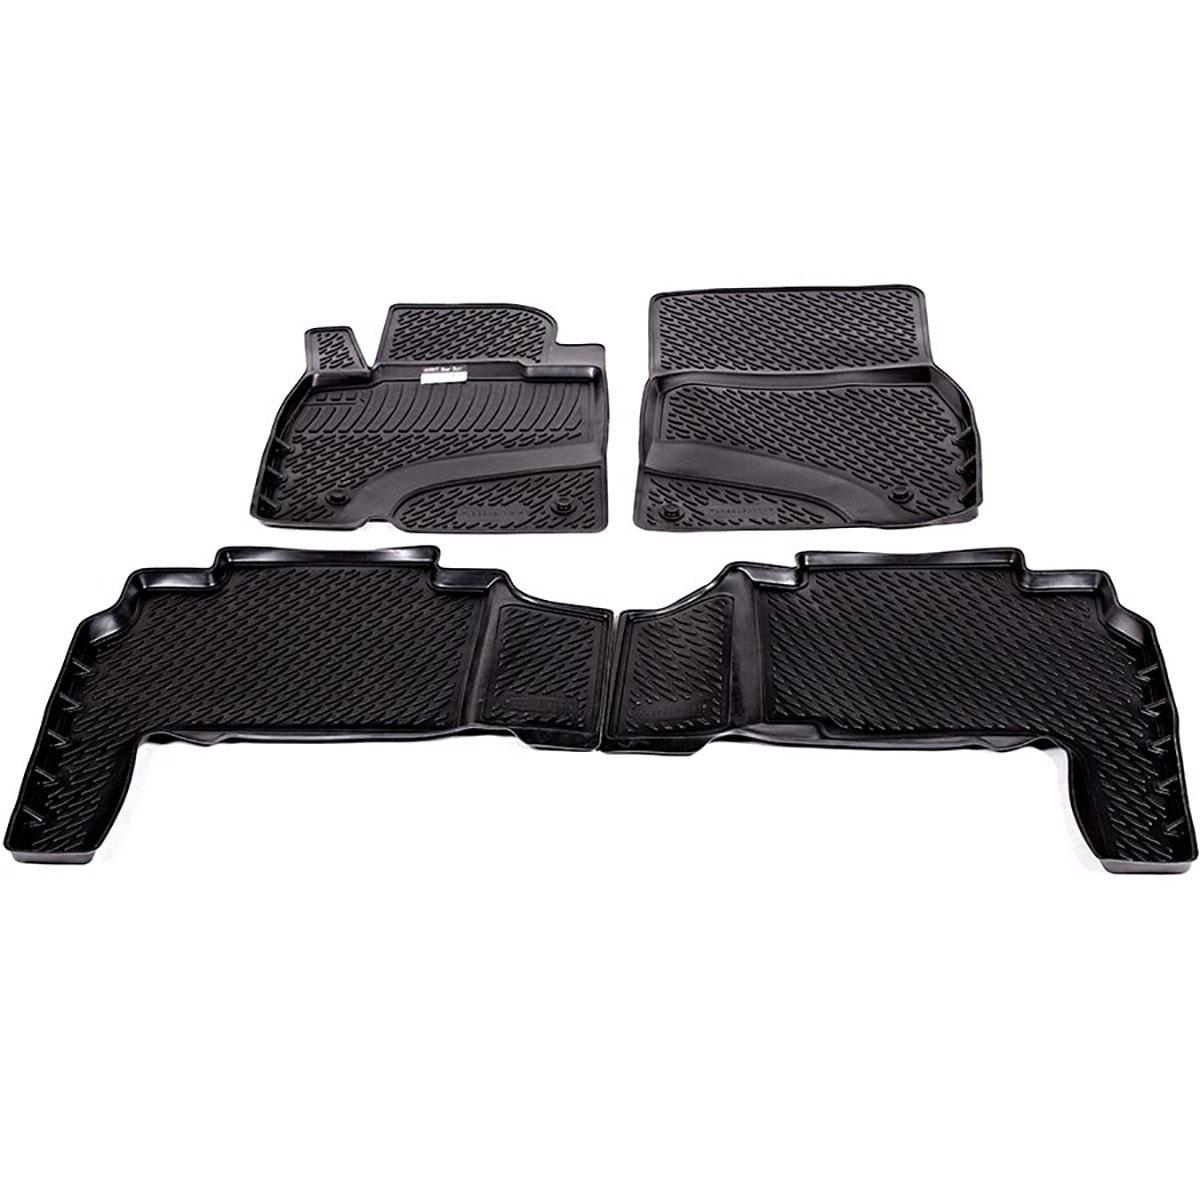 Коврики в салон автомобиля L.Locker, для Lexus LX570 (07-), 4 шт0228020101Коврики L.Locker производятся индивидуально для каждой модели автомобиля из современного и экологически чистого материала. Изделия точно повторяют геометрию пола автомобиля, имеют высокий борт, обладают повышенной износоустойчивостью, антискользящими свойствами, лишены резкого запаха и сохраняют свои потребительские свойства в широком диапазоне температур (от -50°С до +80°С). Рисунок ковриков специально спроектирован для уменьшения скольжения ног водителя и имеет достаточную глубину, препятствующую свободному перемещению жидкости и грязи на поверхности. Одновременно с этим рисунок не создает дискомфорта при вождении автомобиля. Водительский ковер с предустановленными креплениями фиксируется на штатные места в полу салона автомобиля. Новая технология системы креплений герметична, не дает влаге и грязи проникать внутрь через крепеж на обшивку пола.